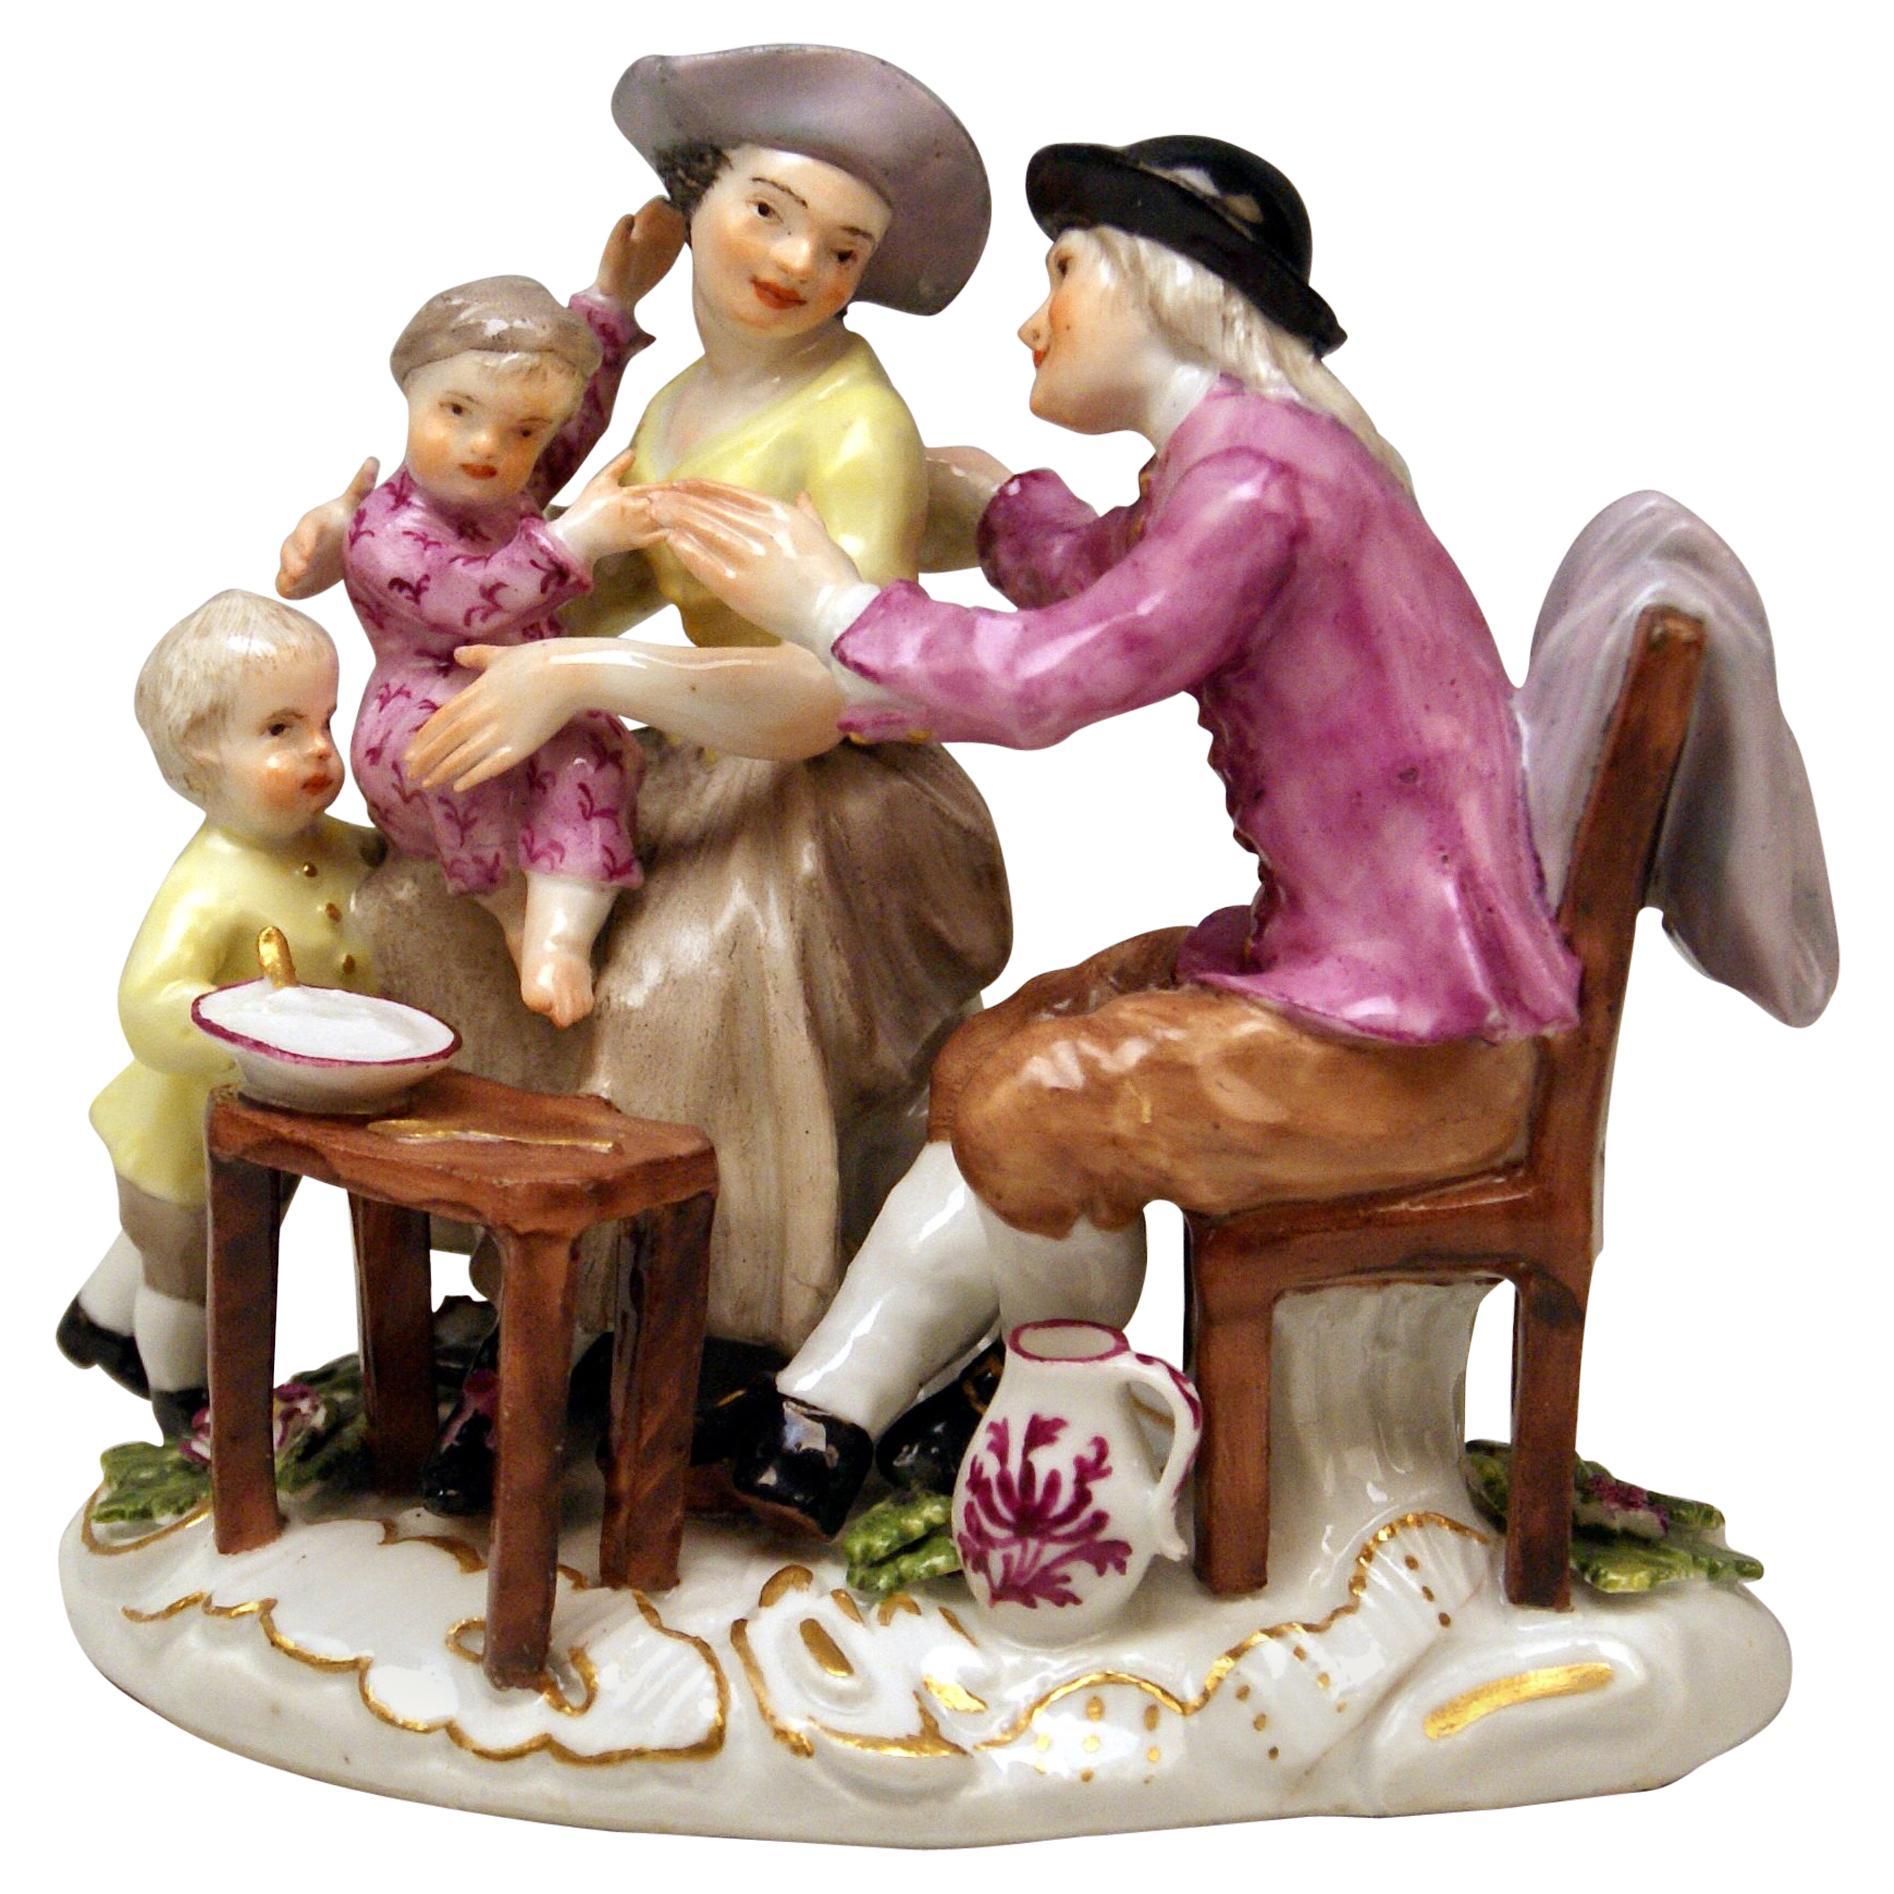 Meissen Figurines The Farmer Family Model 2235 by Kaendler c. 1755-1760